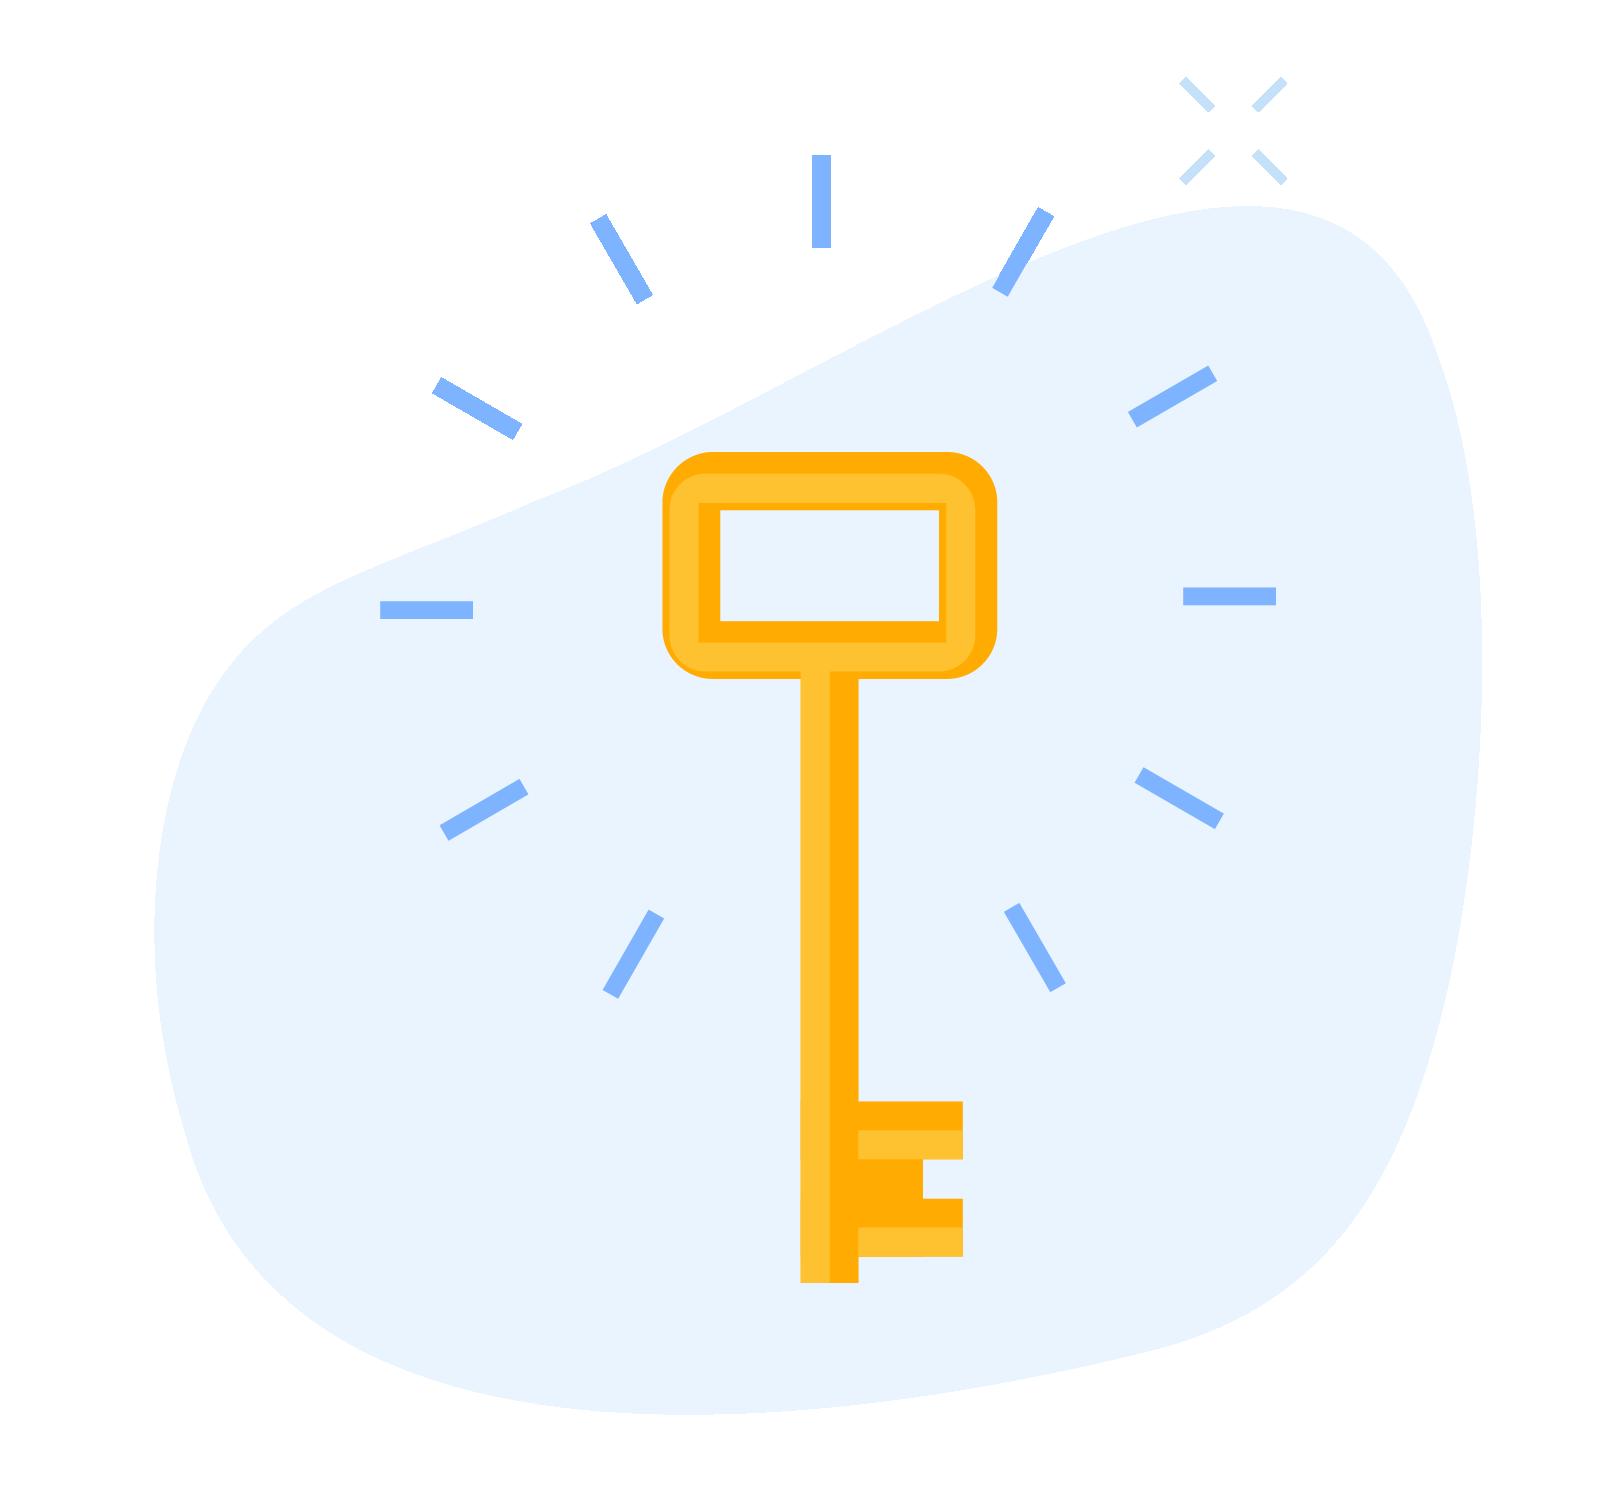 icon lagern | emerkey - Schlüssel lagern, teilen & liefern. Schlüssel-Service | Deine Alternative zum Schlüsseldienst